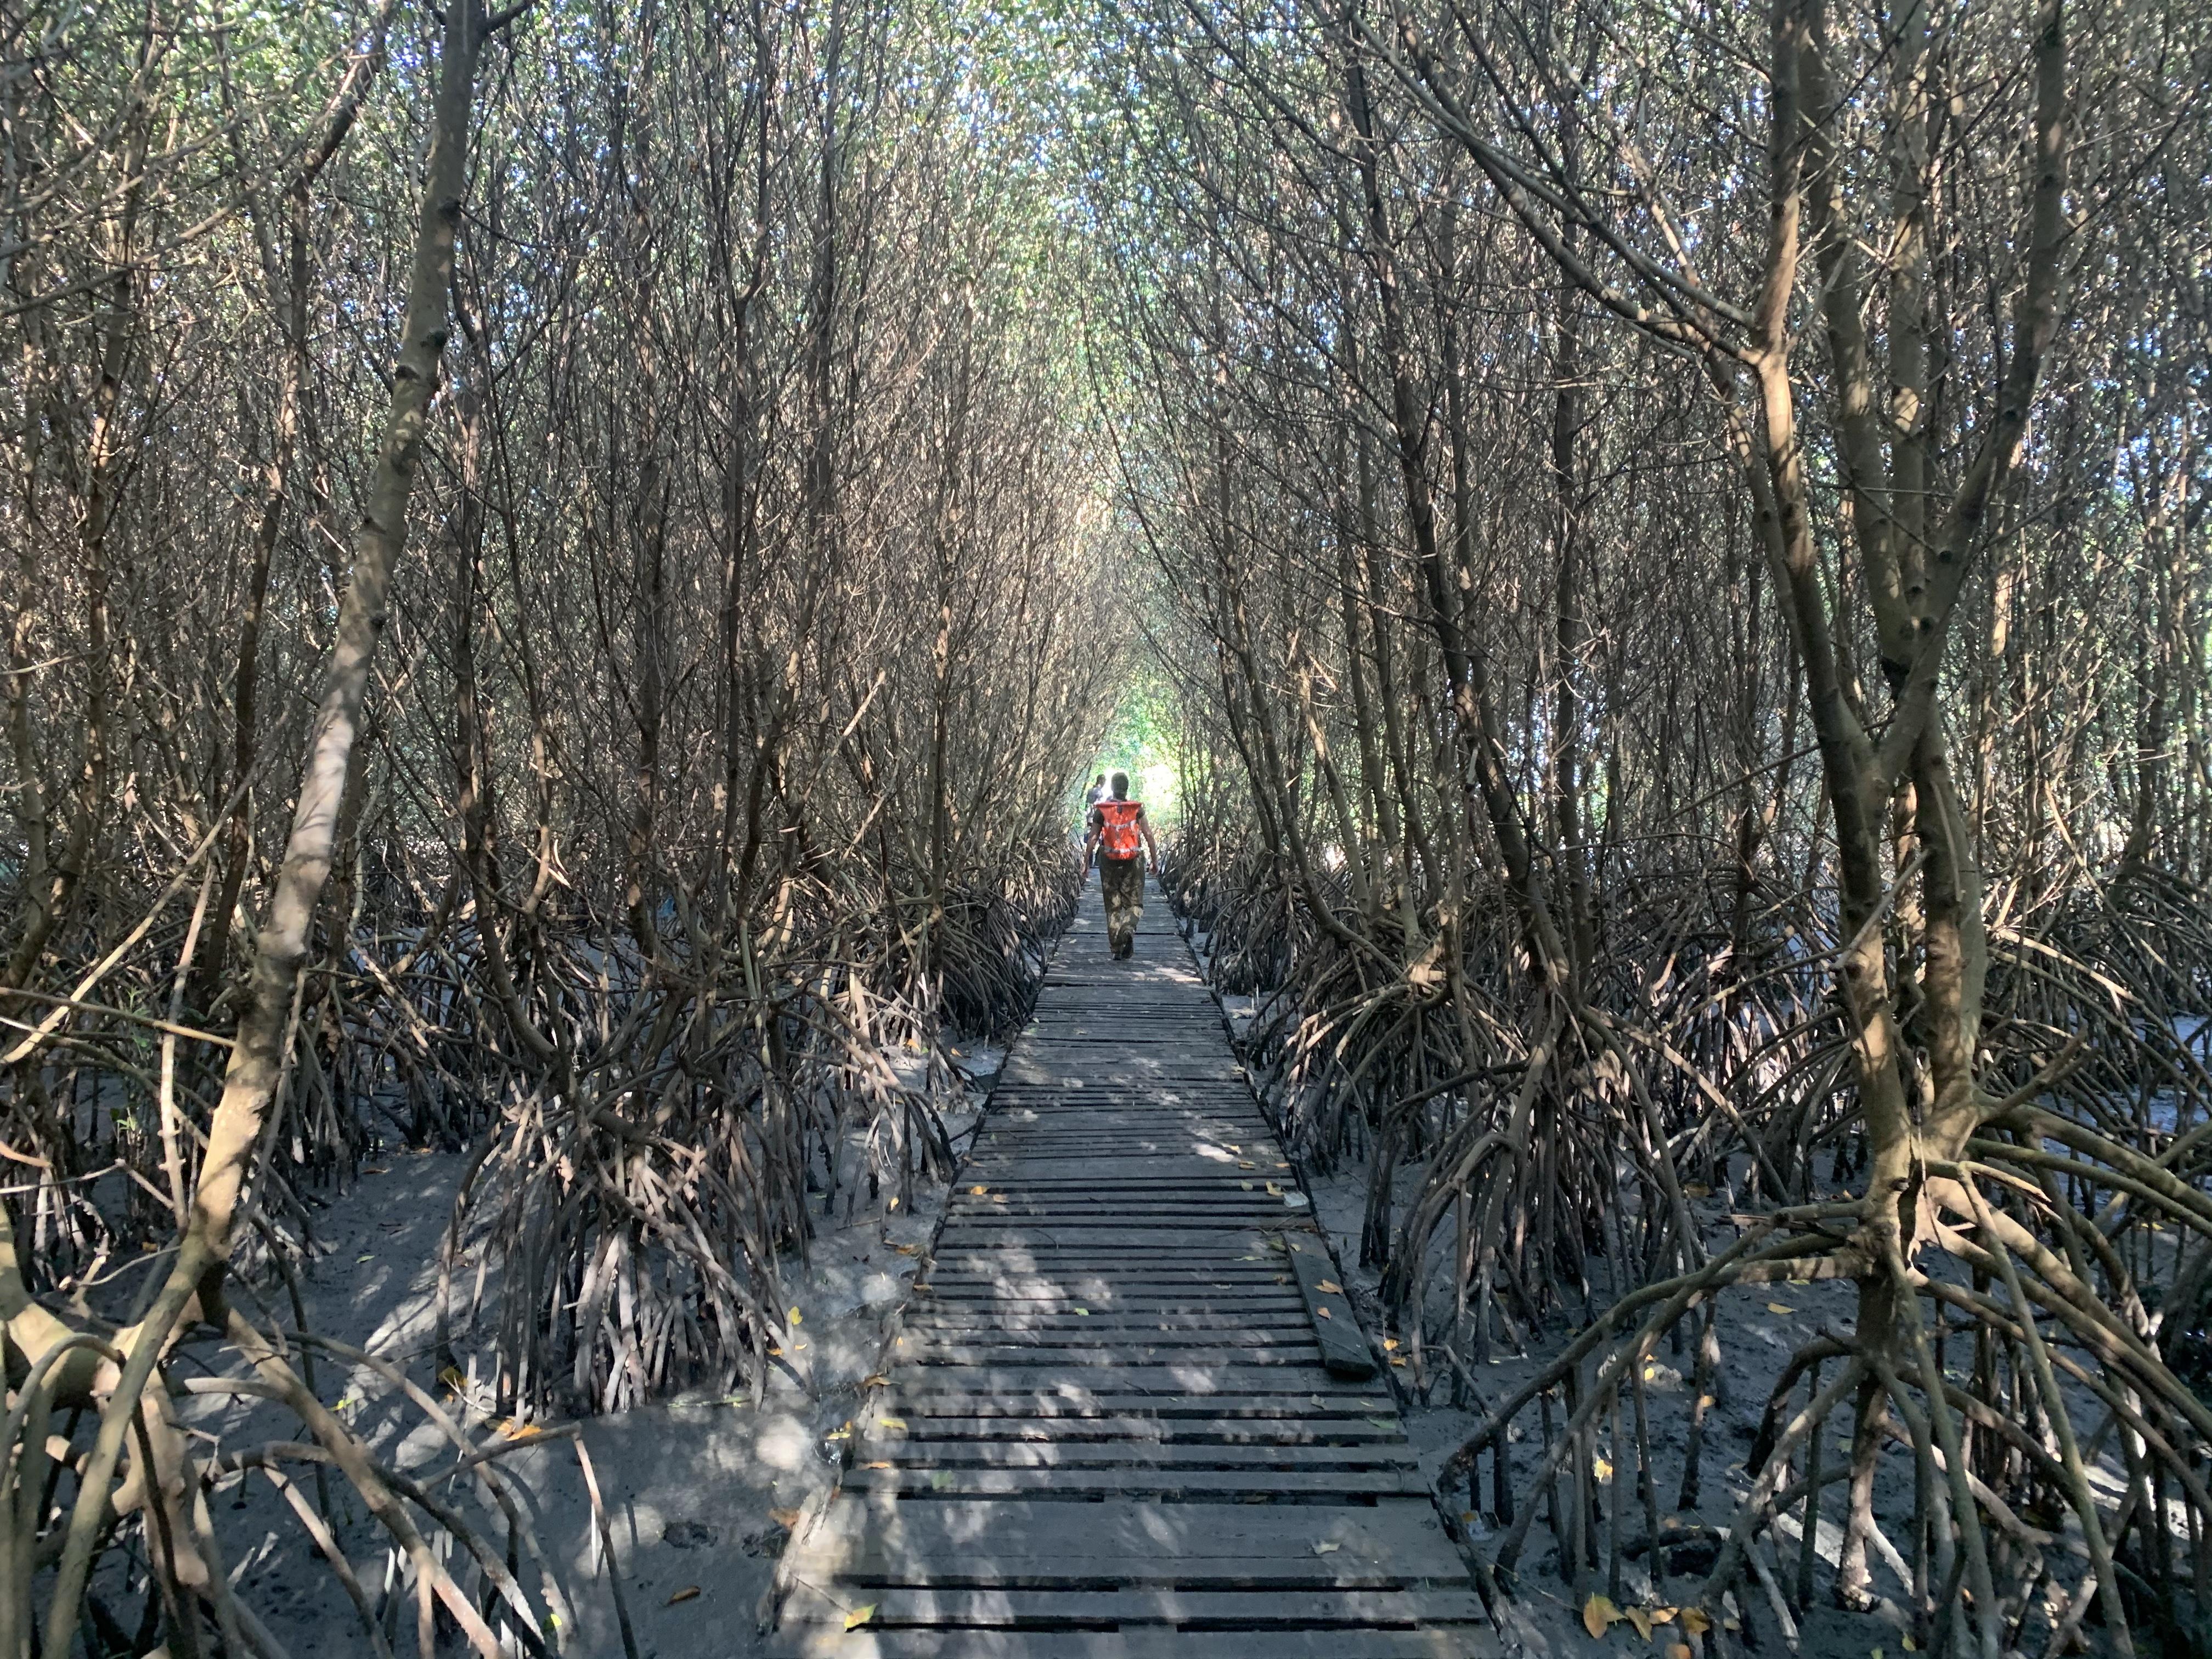 Pessoa de casaco vermelho anda entre bosque de mangues